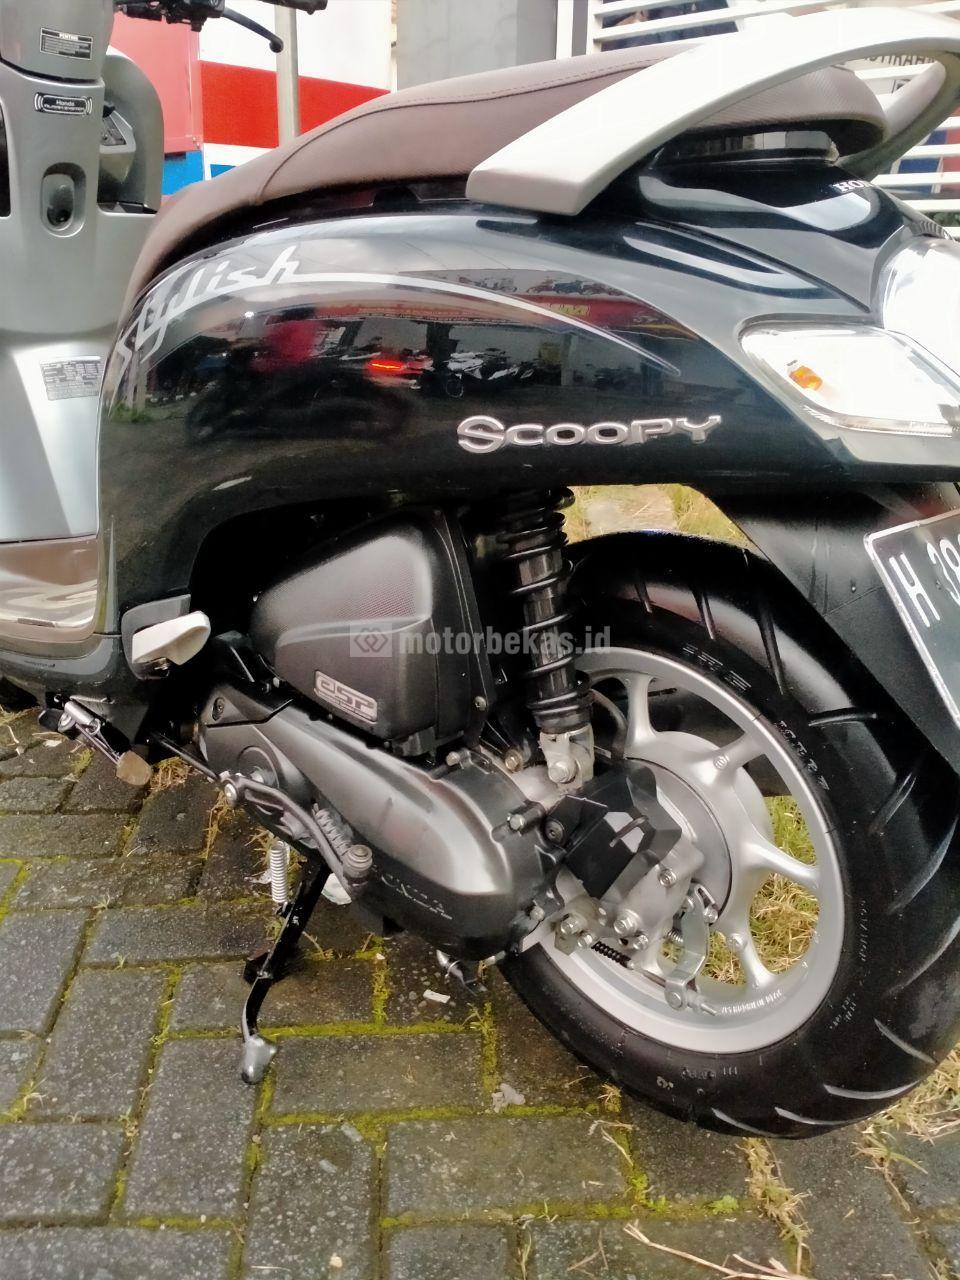 HONDA SCOOPY  1444 motorbekas.id